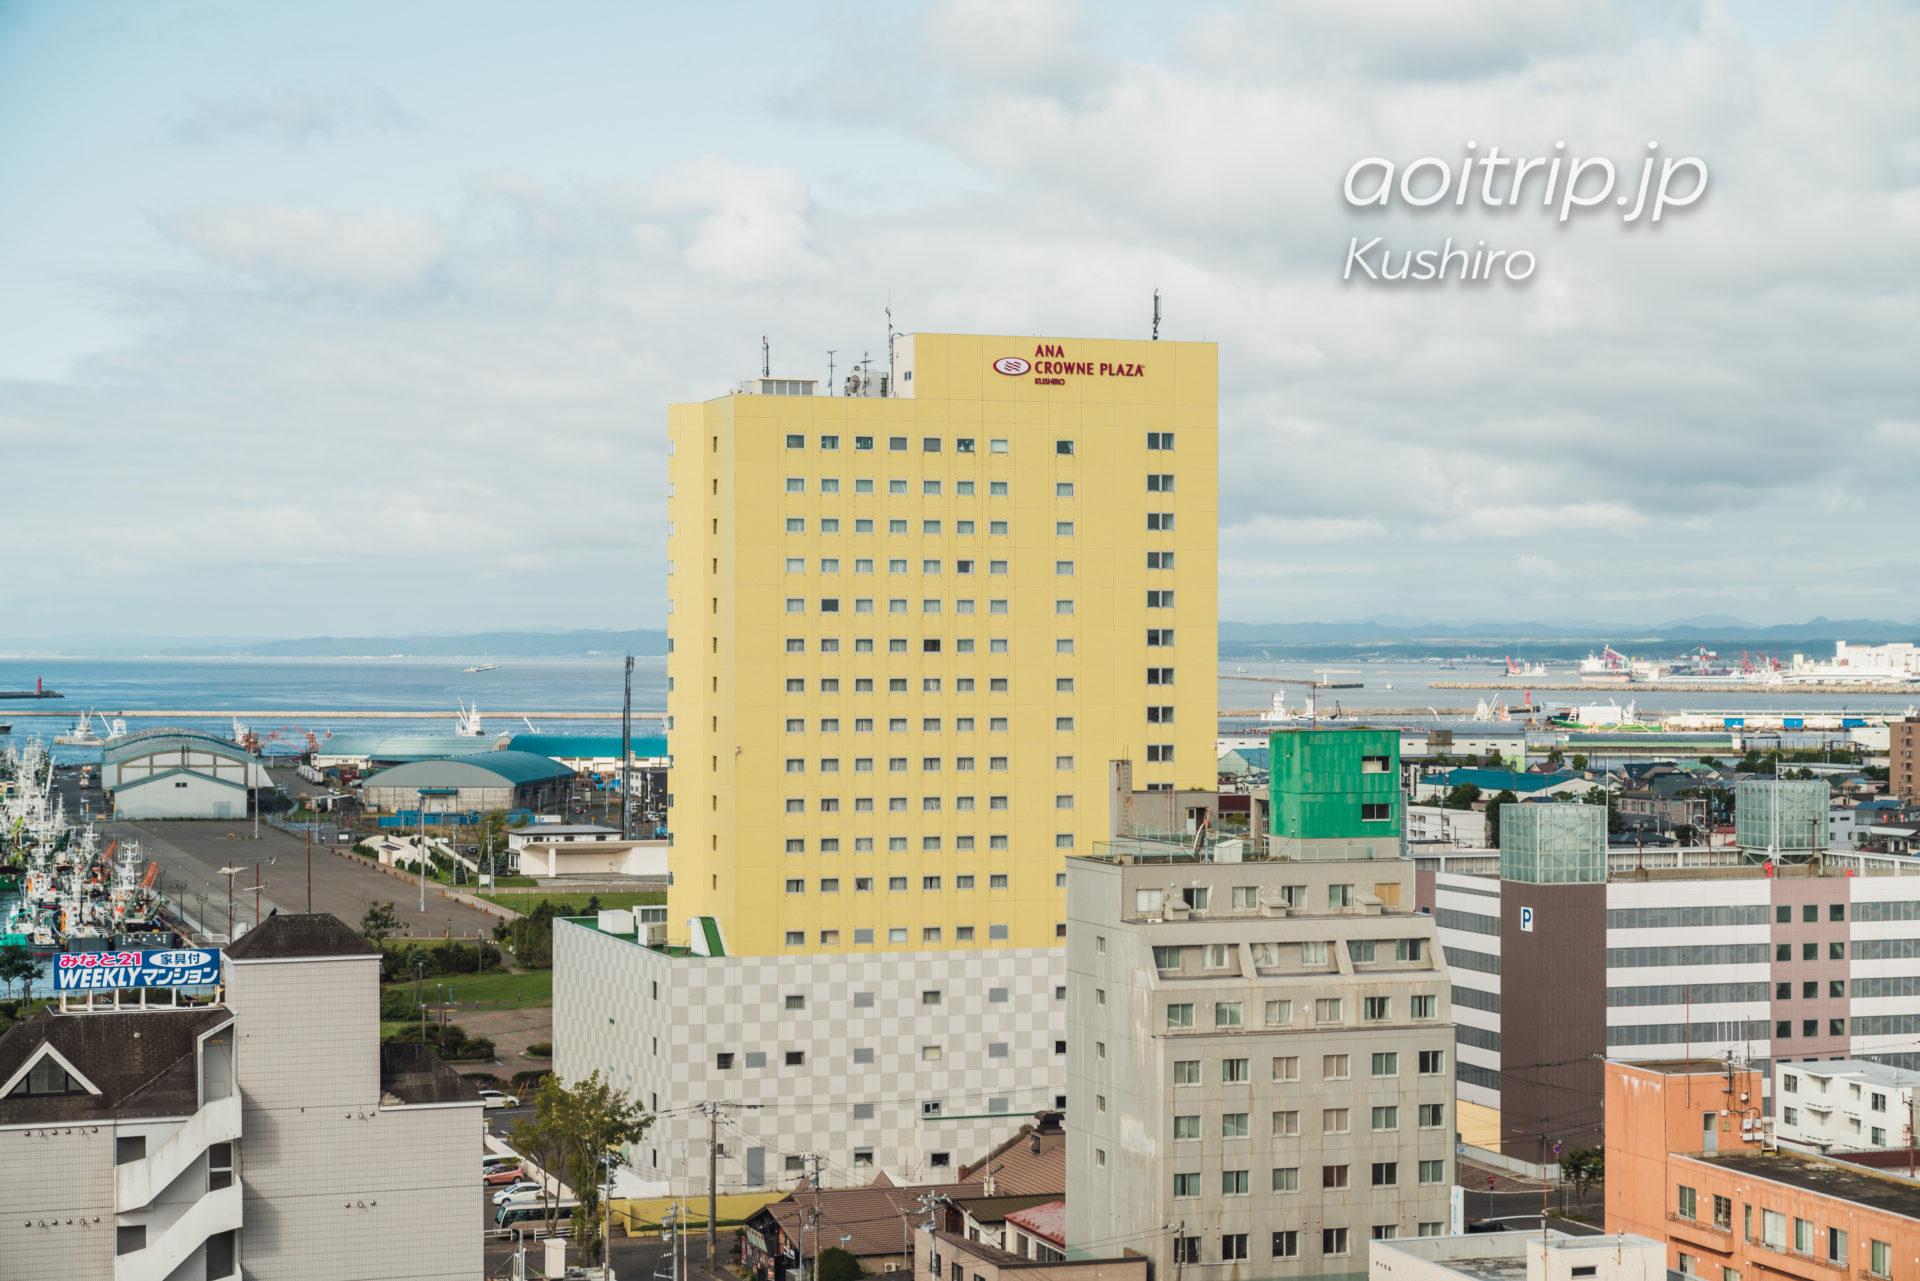 ANAクラウンプラザホテル釧路 宿泊記|ANA Crowne Plaza Hotel Kushiro